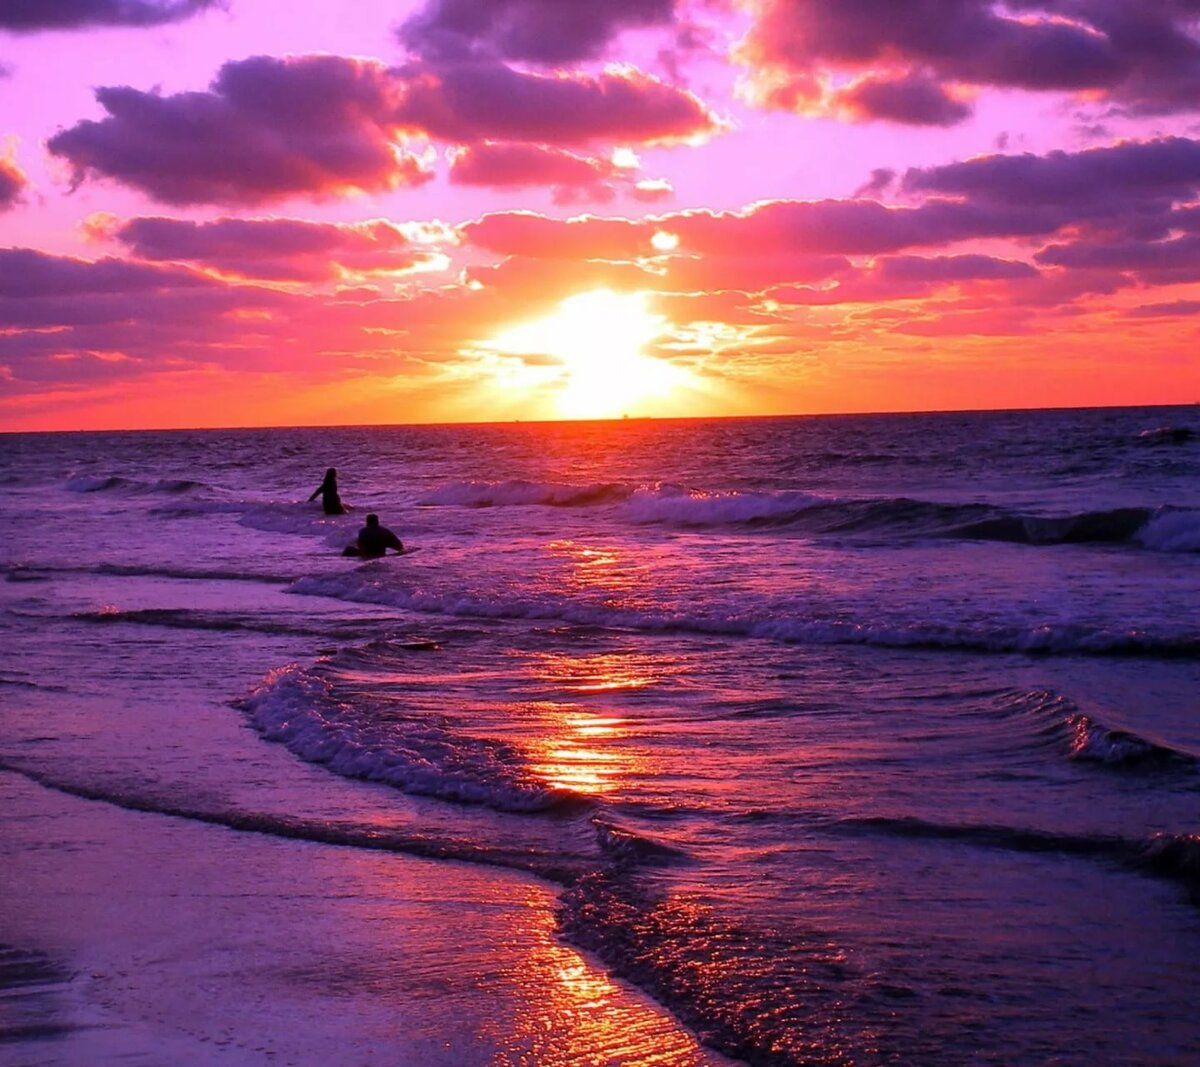 дает картинки про закат на море женщины есть лишние